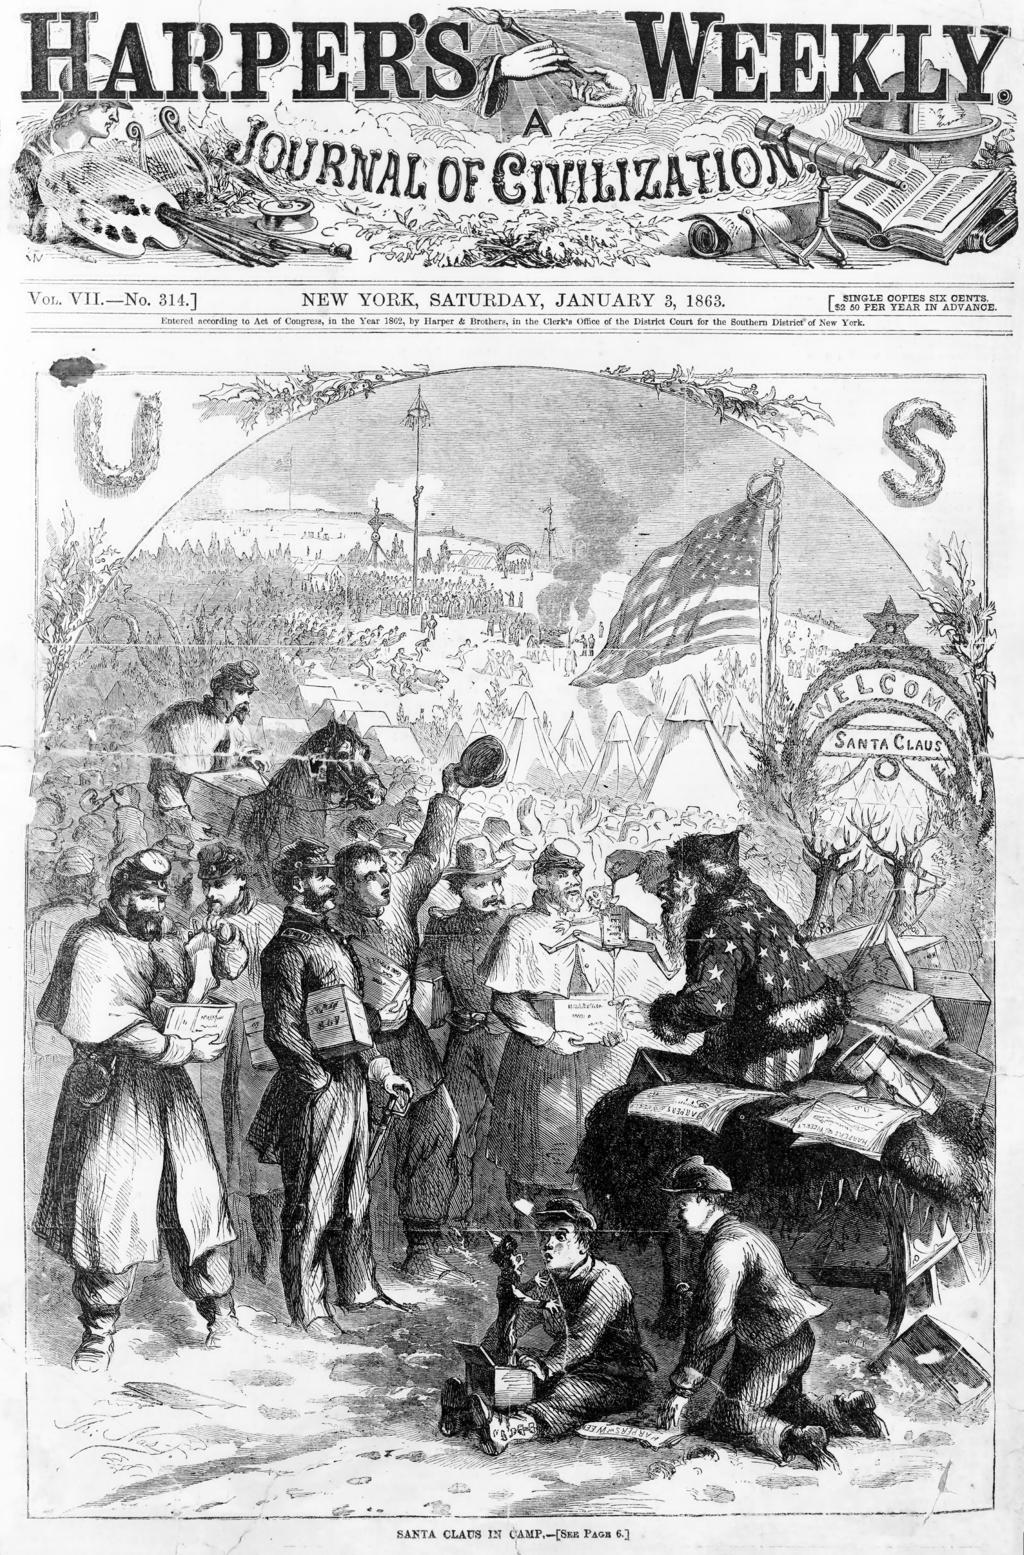 Santa Claus 1863 Harpers Thomas Nast Wikipedia Civil War History Civil War American Civil War